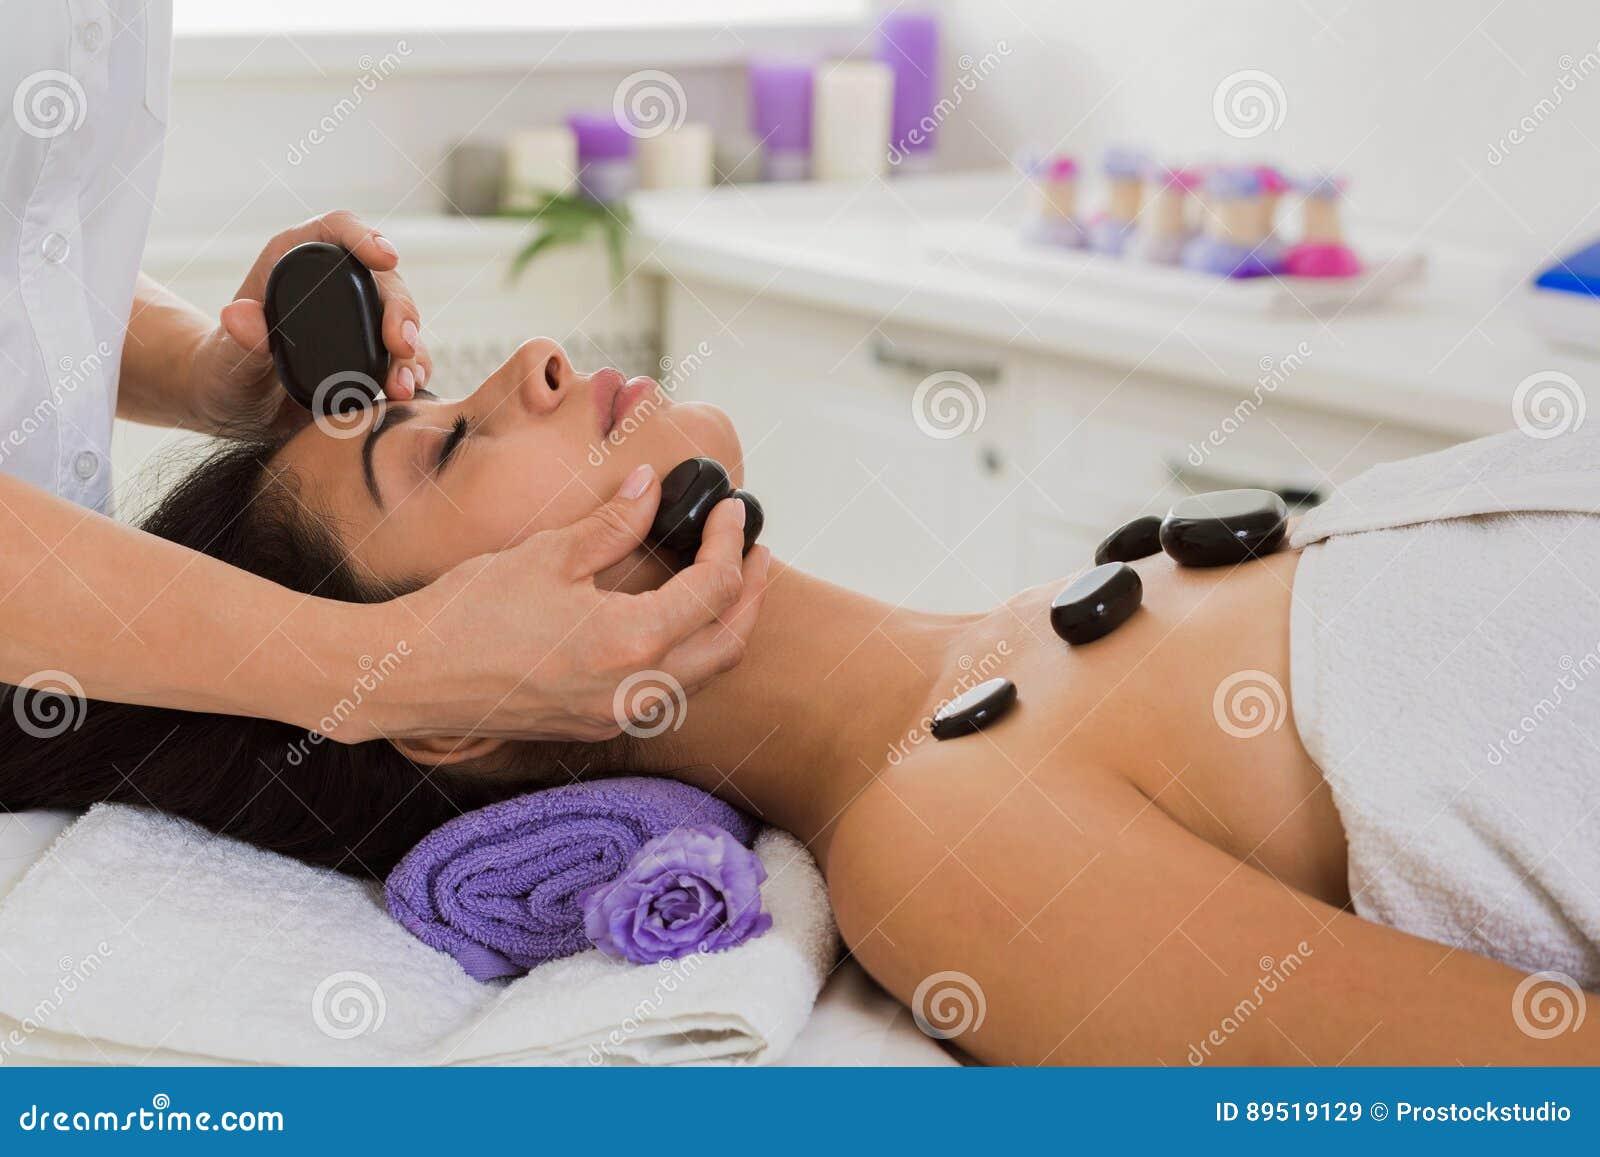 Девушка у массажиста в кабинете, пацаны мастурбируют на камеру